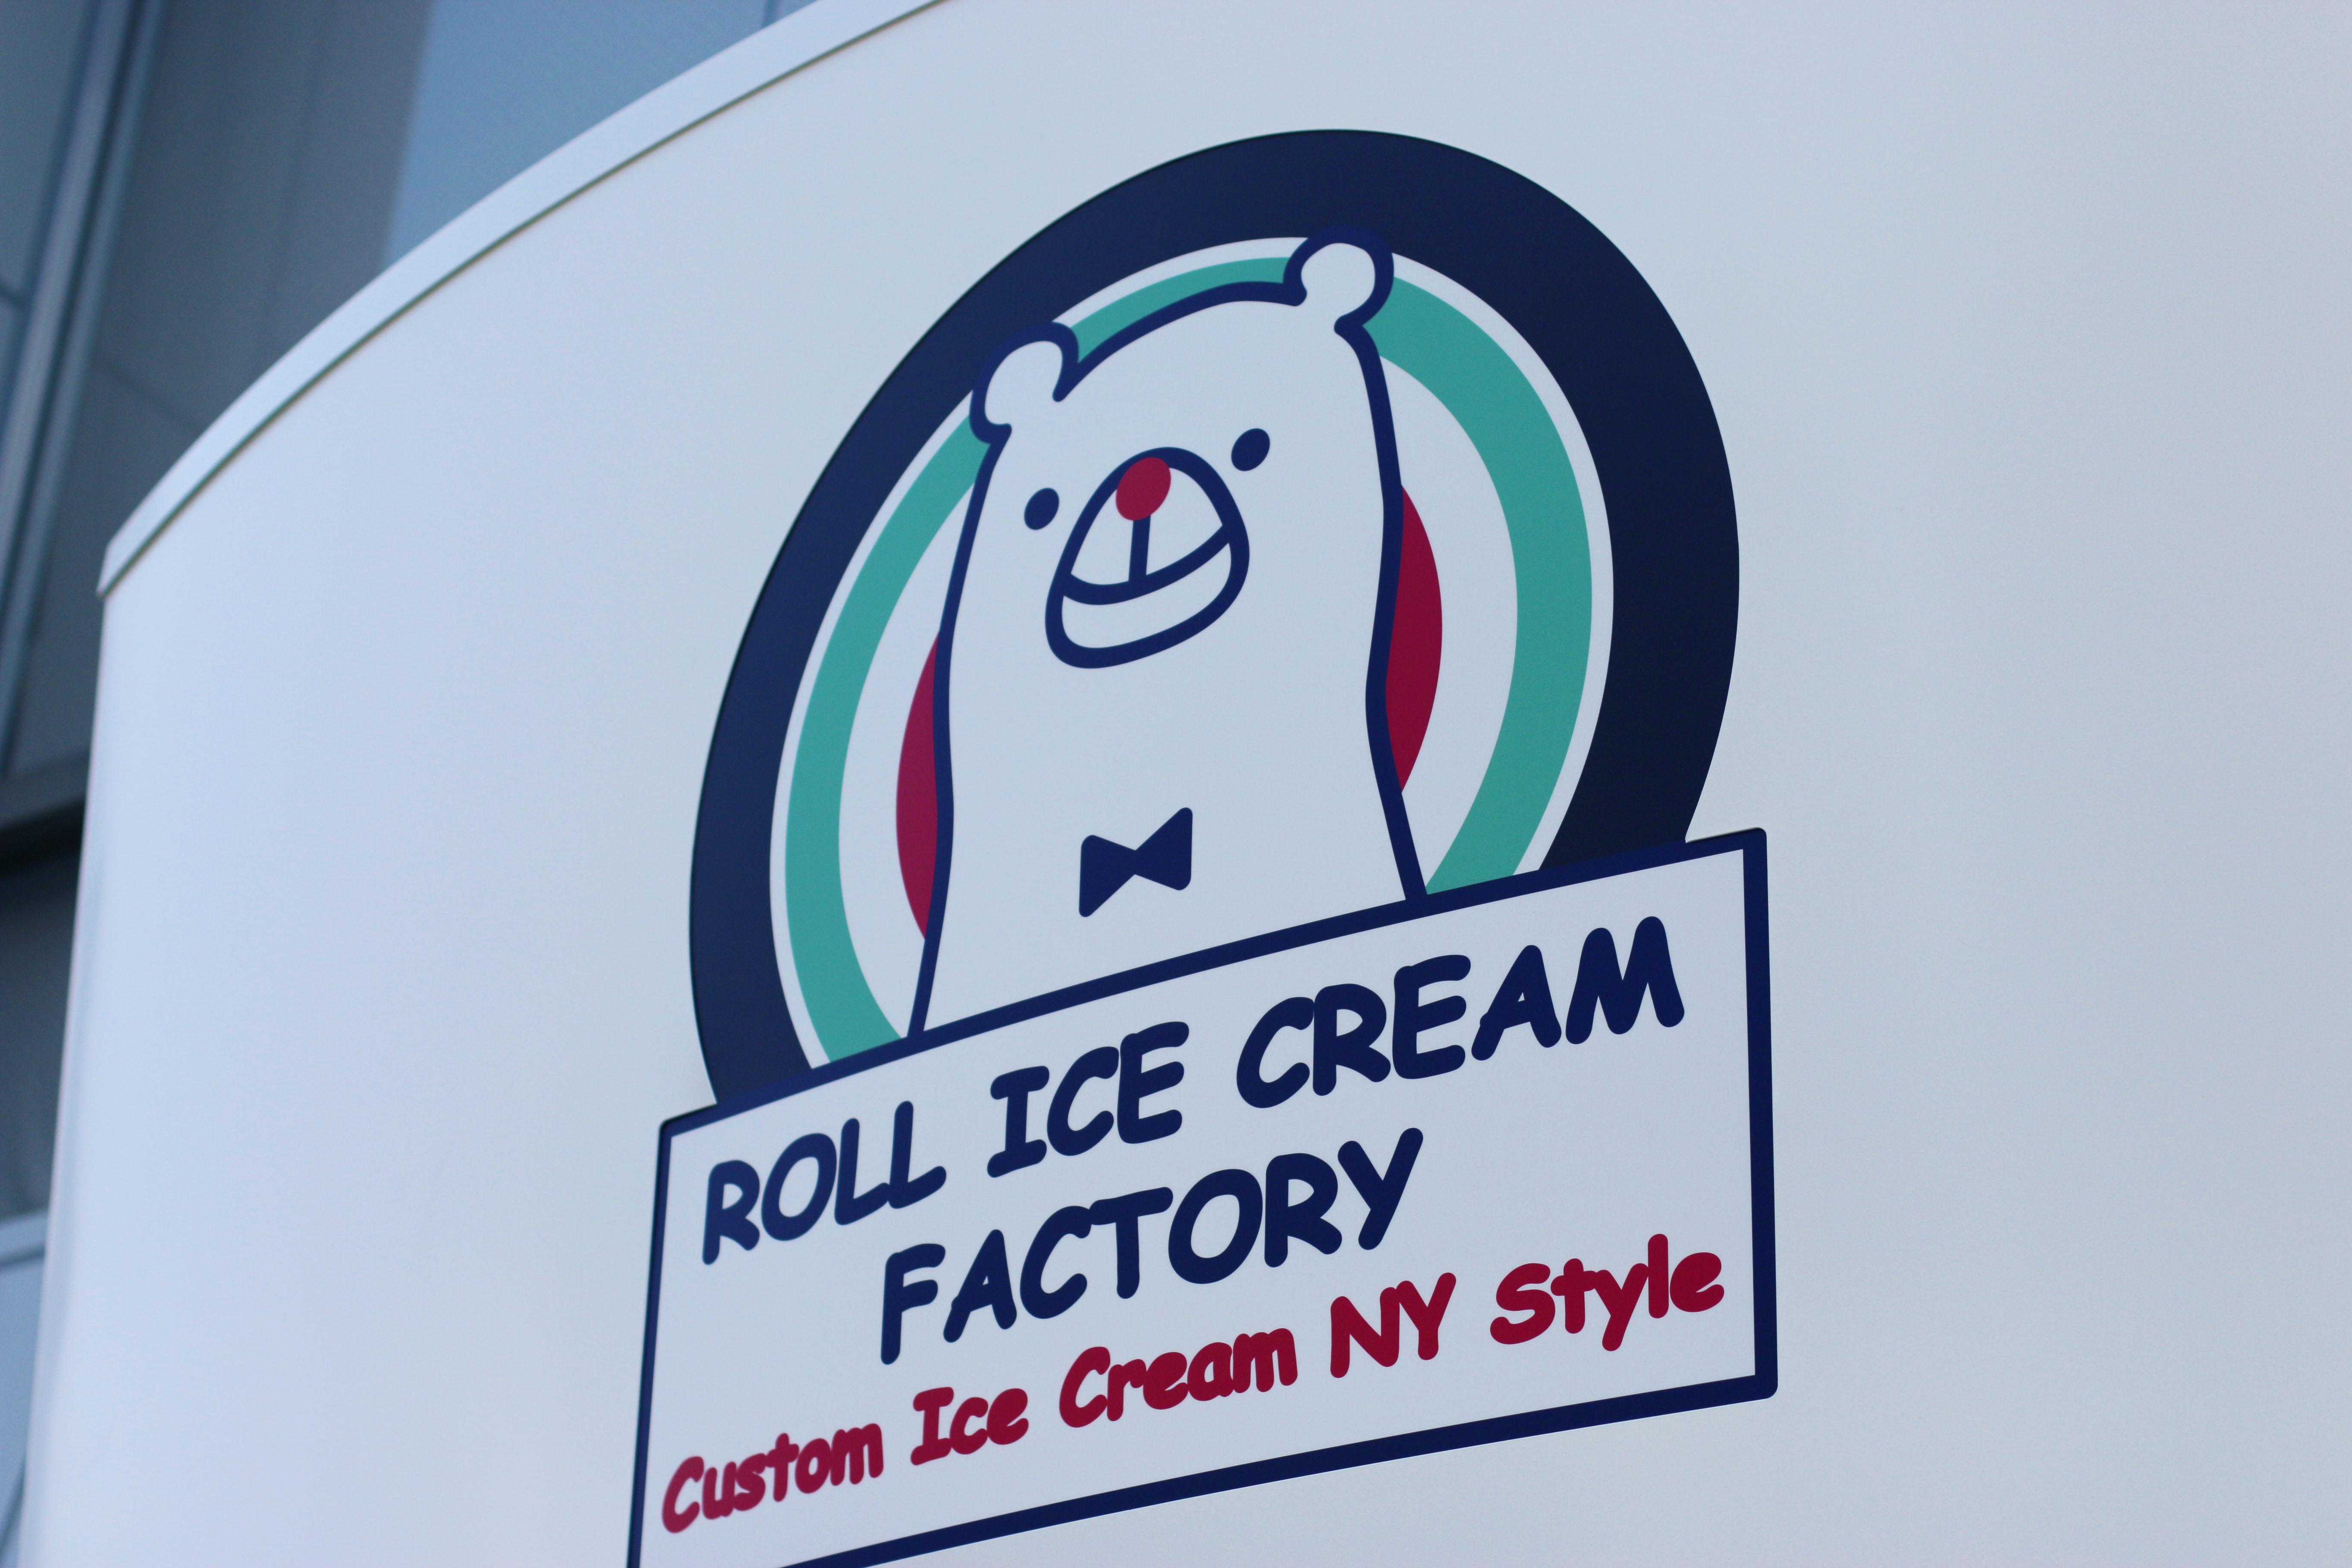 「ROLL ICE CREAM FACTORY」が創業祭、名古屋店オープンを記念してオリジナルうちわを限定配布! - sub5 2